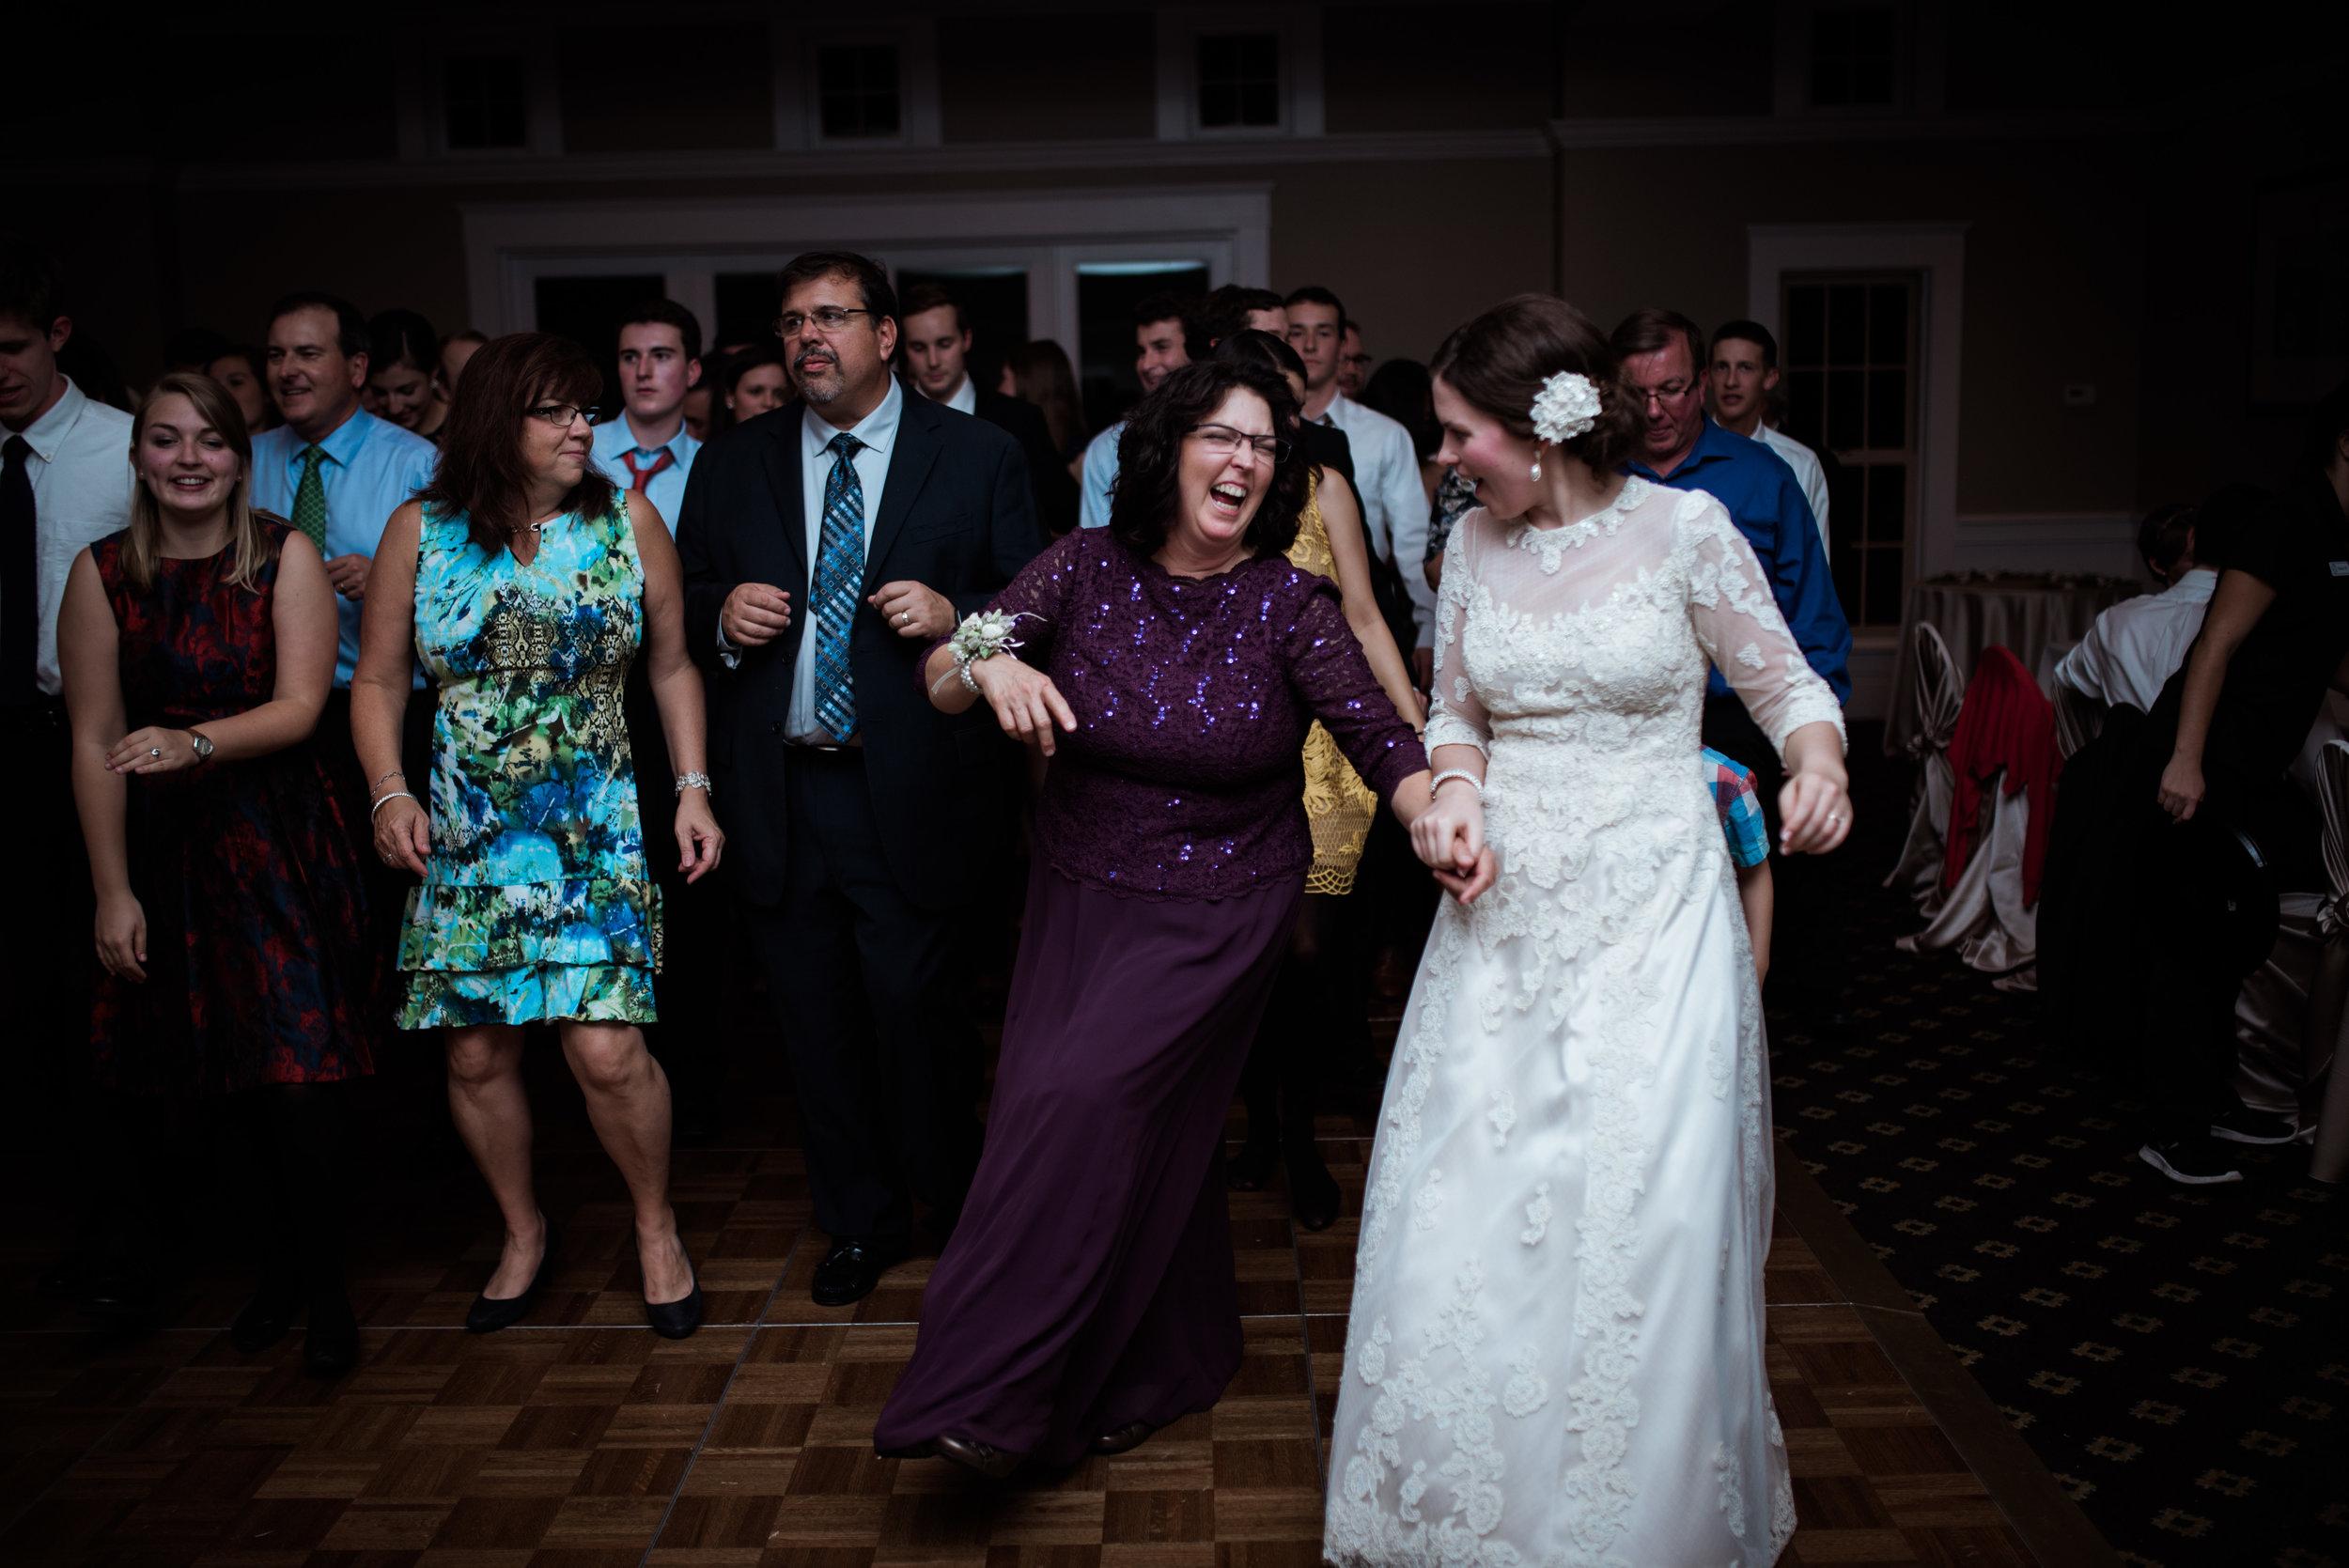 woodcock wedding734.JPG